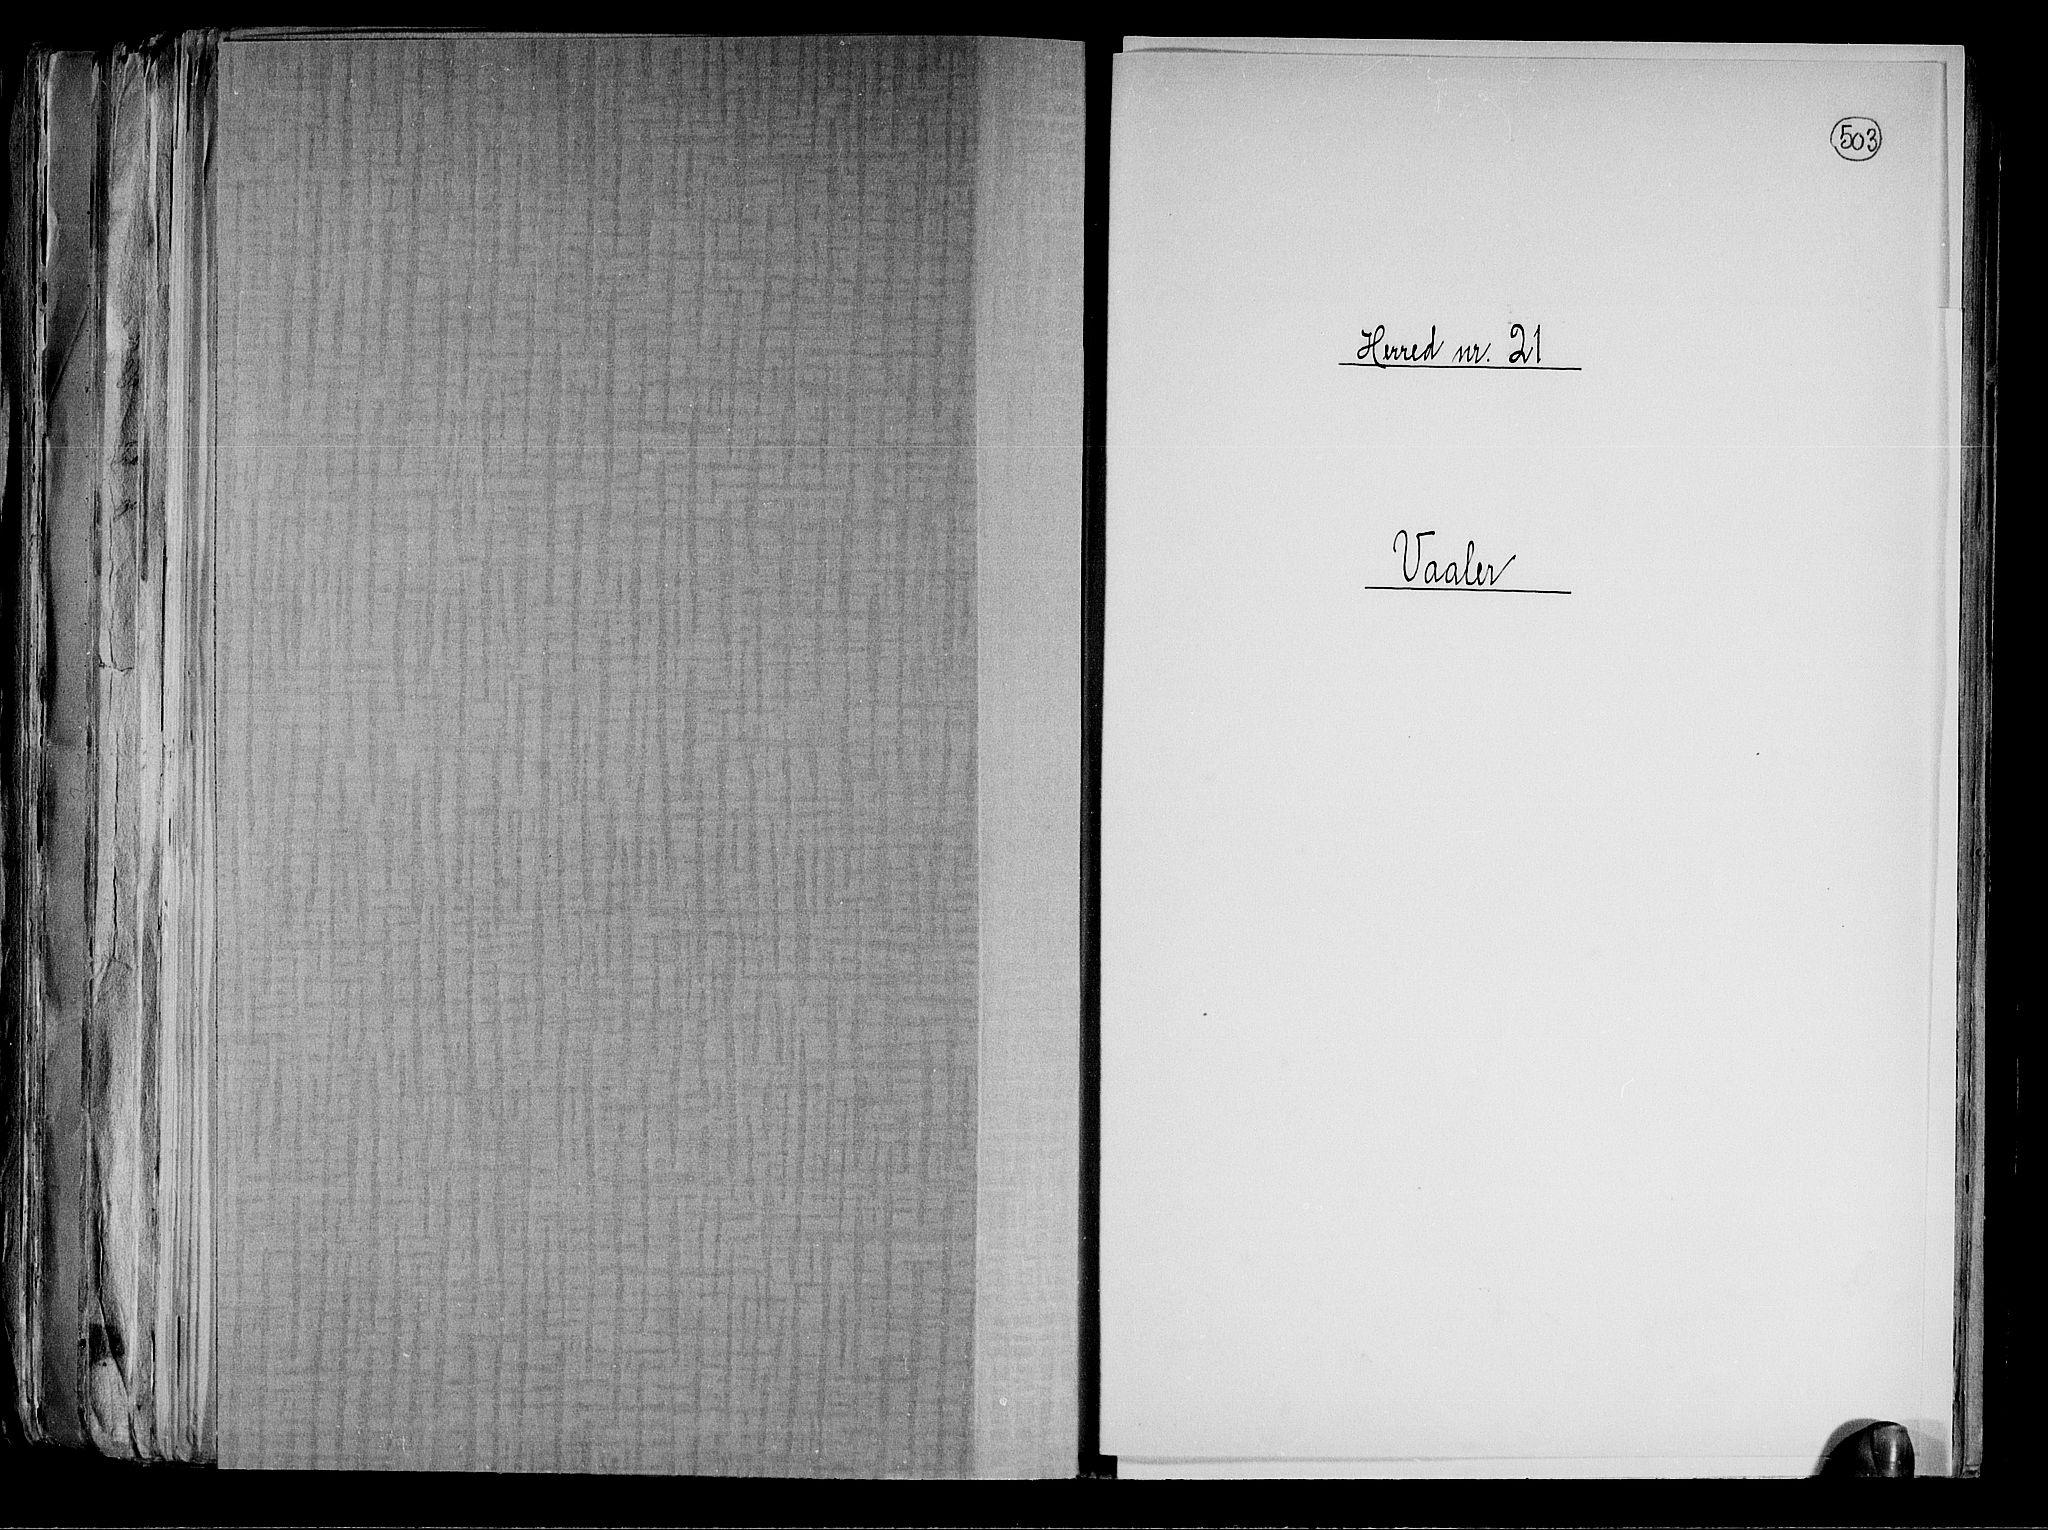 RA, Folketelling 1891 for 0137 Våler herred, 1891, s. 1